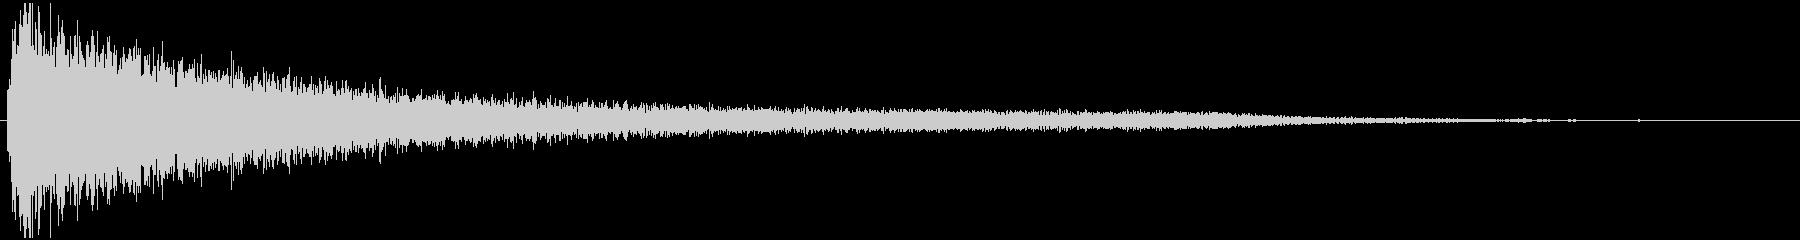 ドジャーーーン(銅鑼とバスドラの音)の未再生の波形